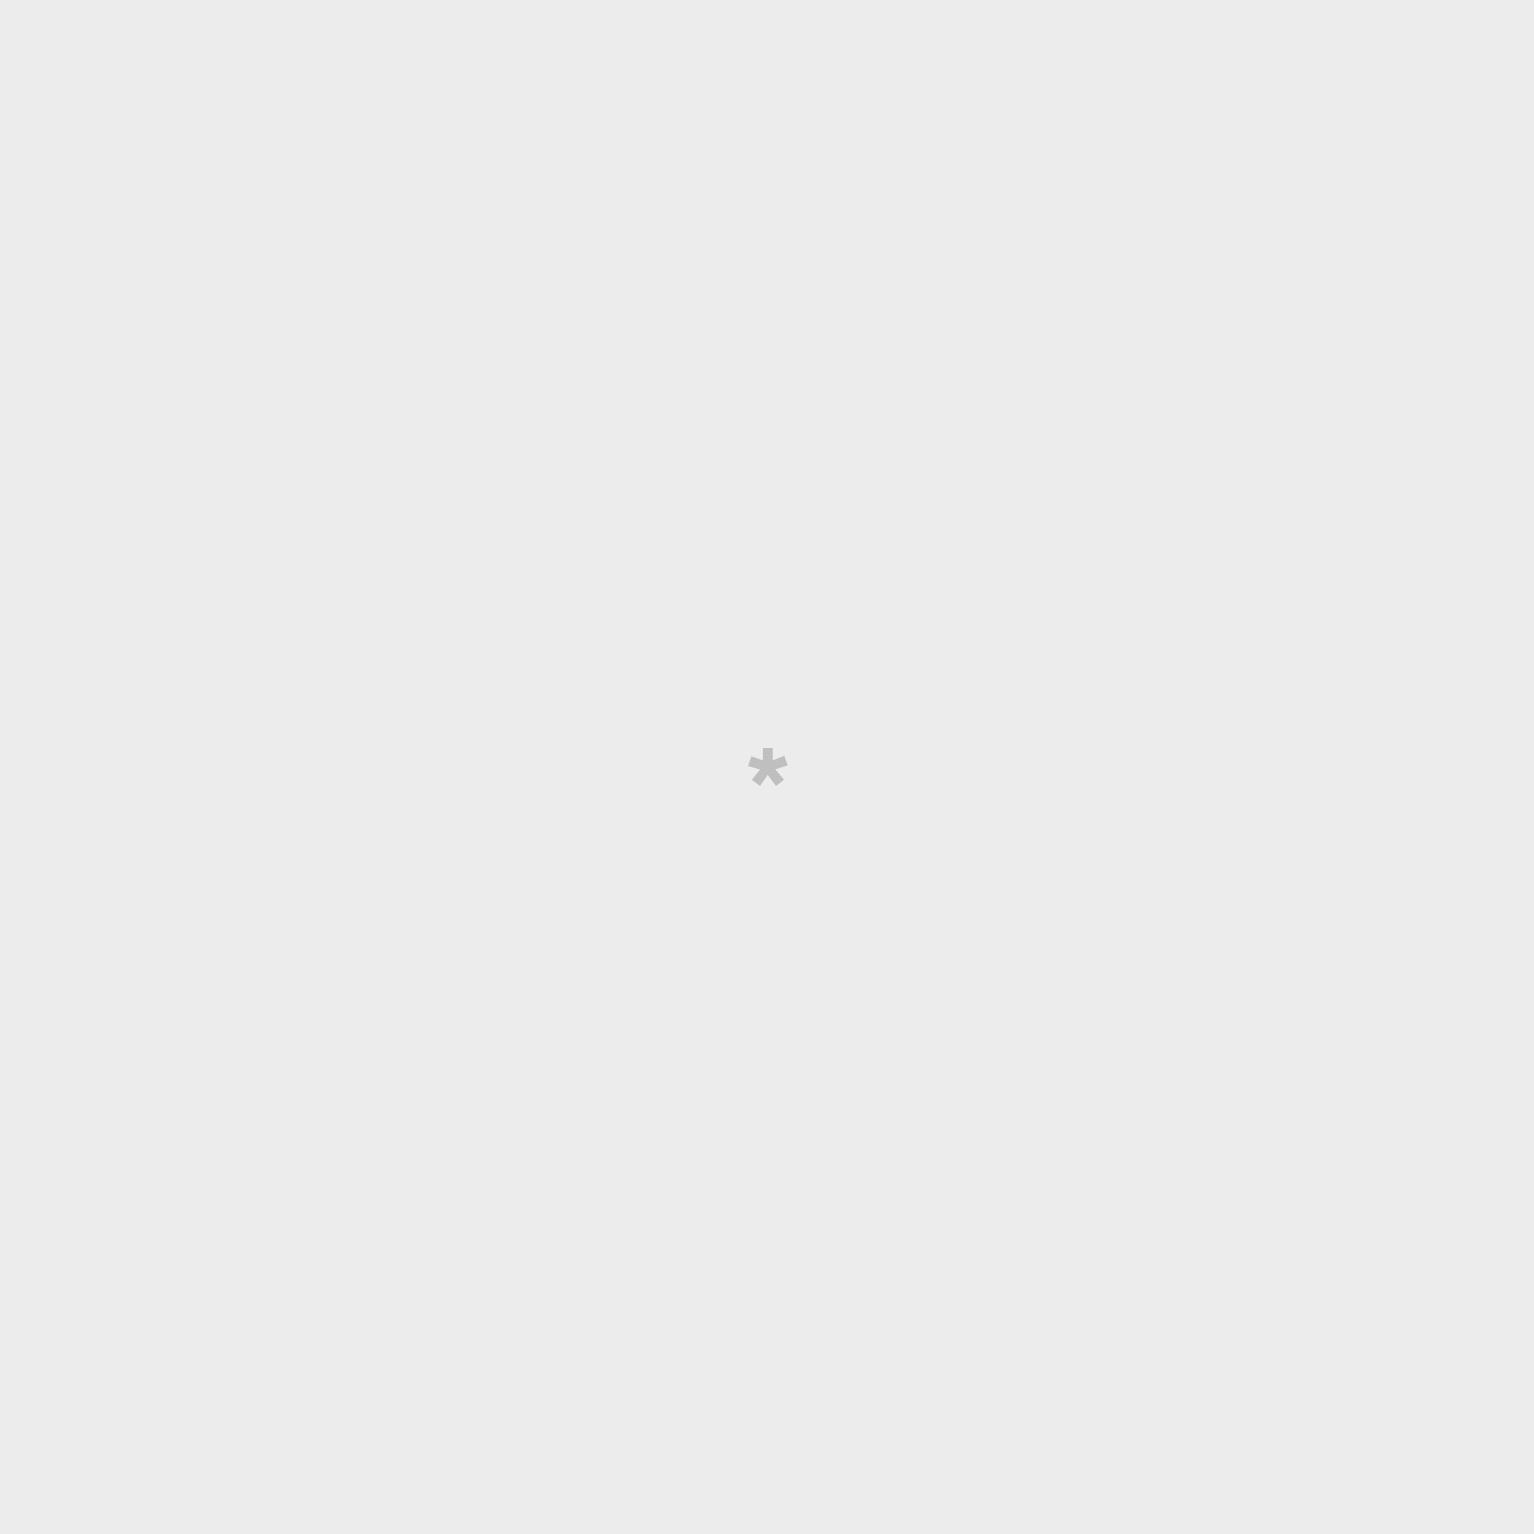 Quaderno - Sei a un passo dal raggiungere l'obiettivo